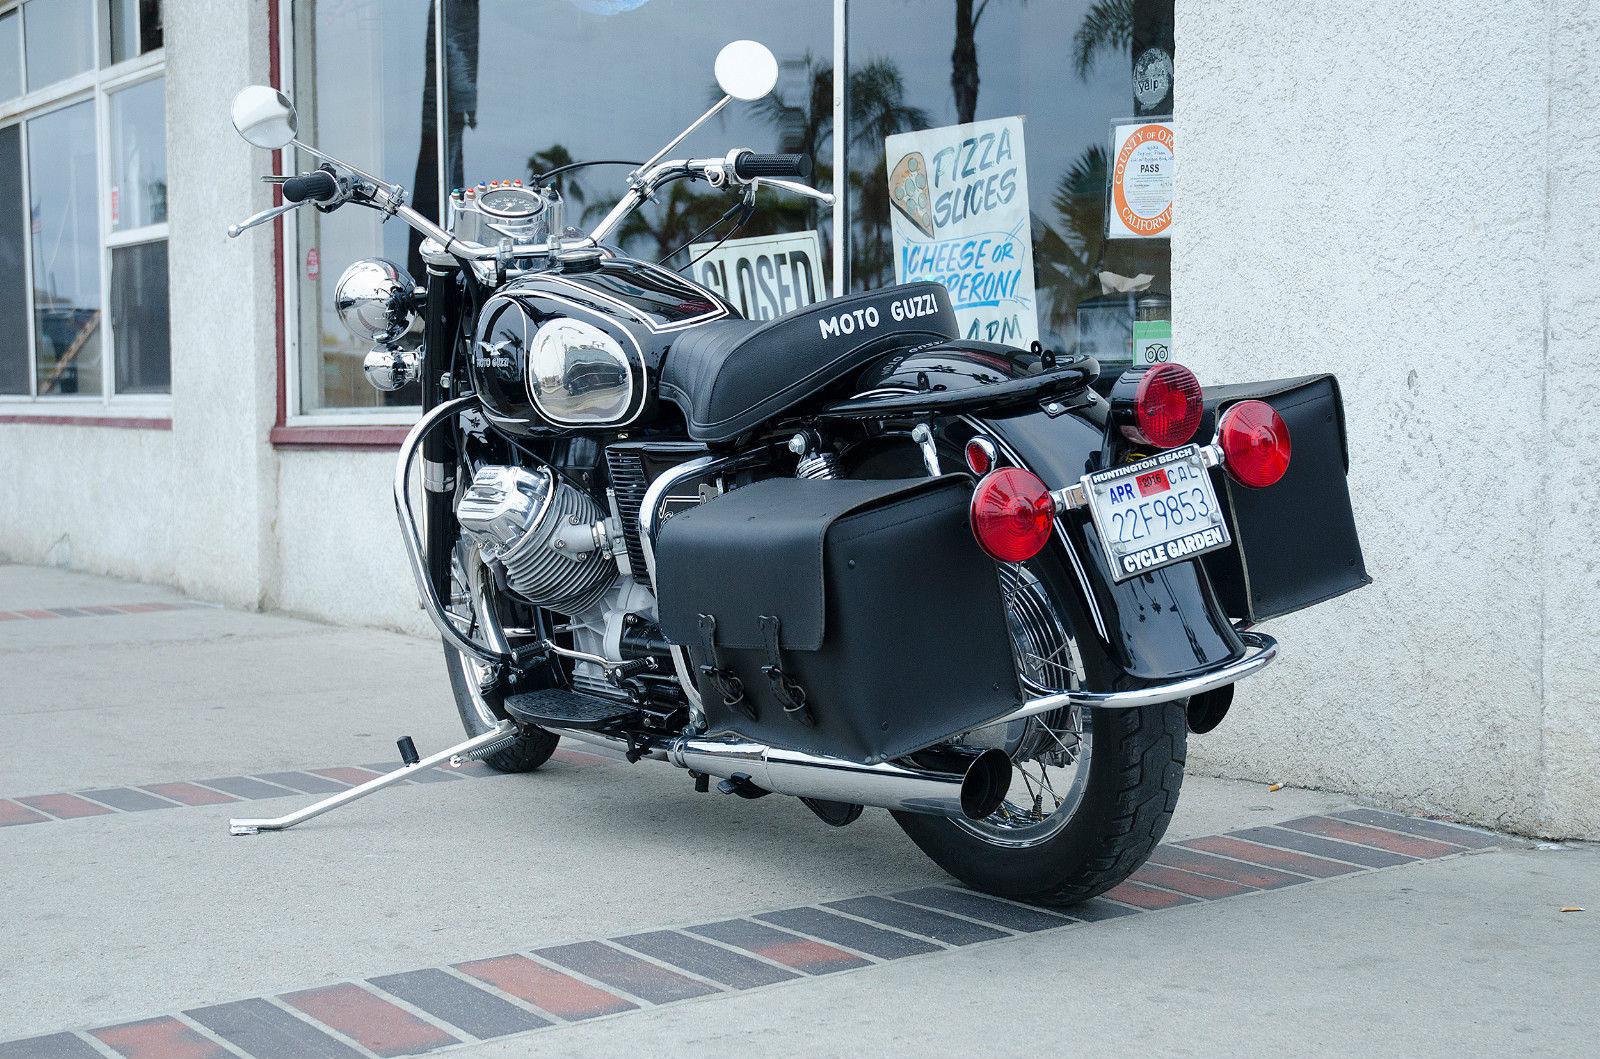 The Moto Guzzi Eldorado is a bike that instills rider confidence.